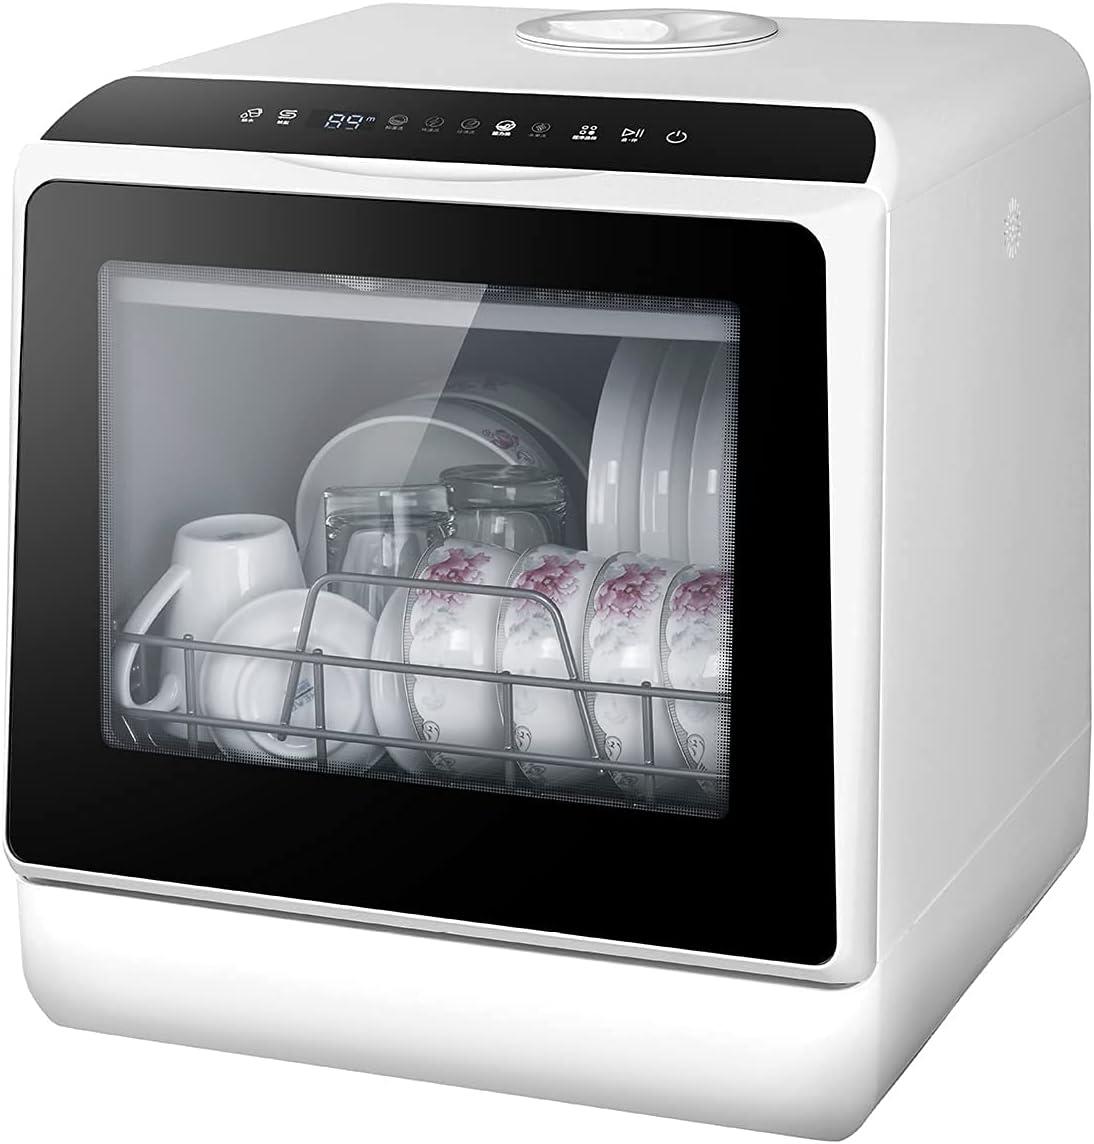 MOSHUO Lavavajillas portátil, lavavajillas automático de Escritorio pequeño, desinfección y esterilización a Alta Temperatura de Gran Capacidad, Apto para Lavar Platos, Frutas y Verduras